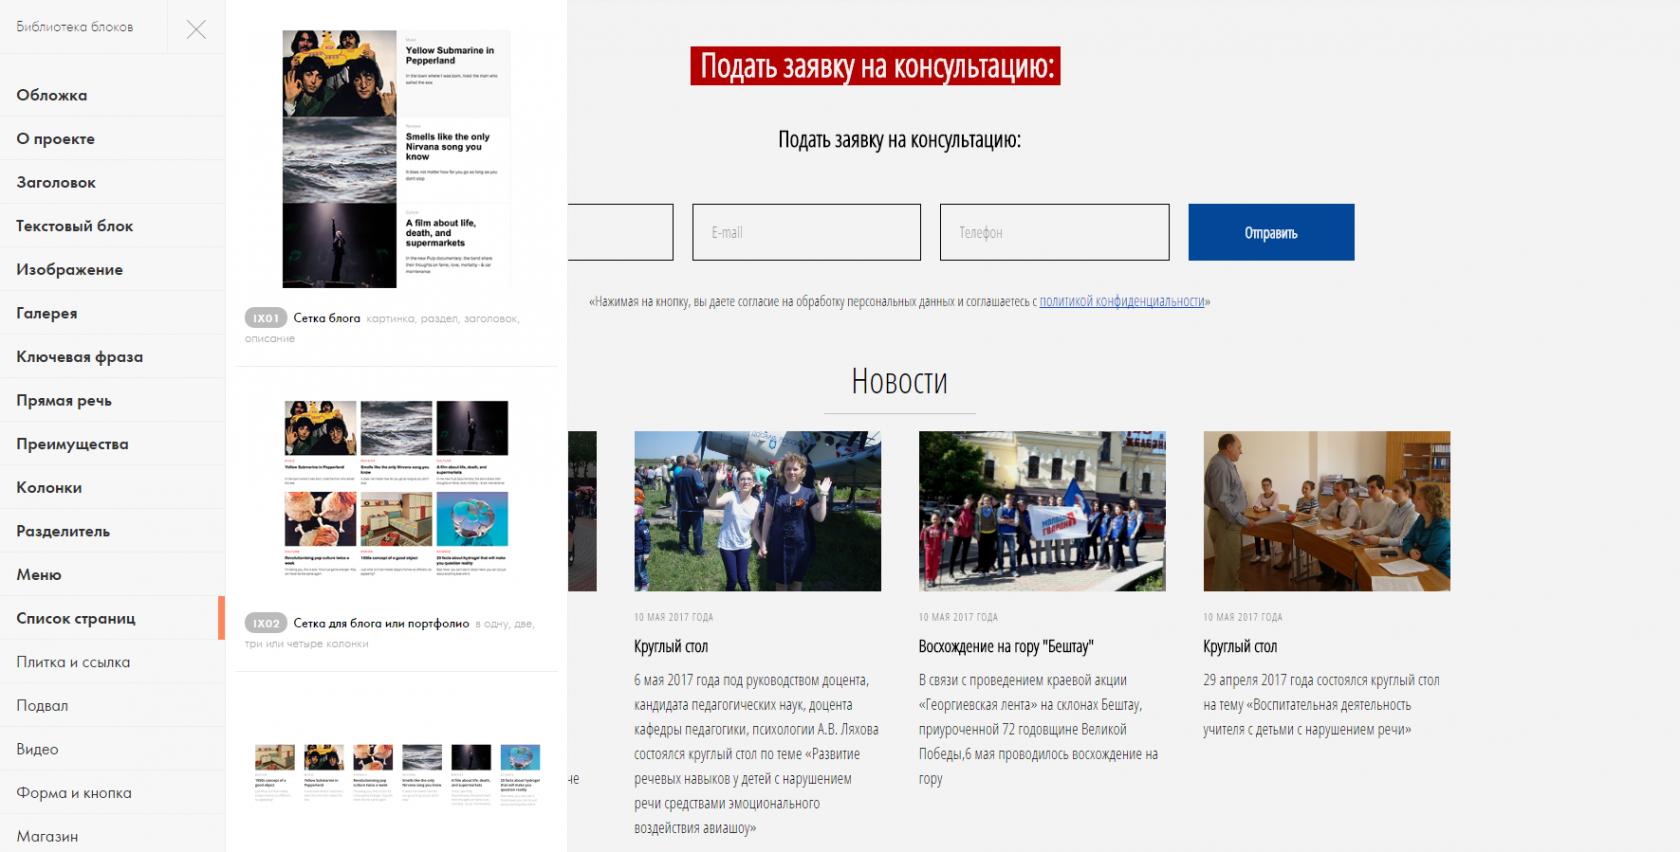 автопилот чехлы из экокожи санкт-петербург официальный сайт